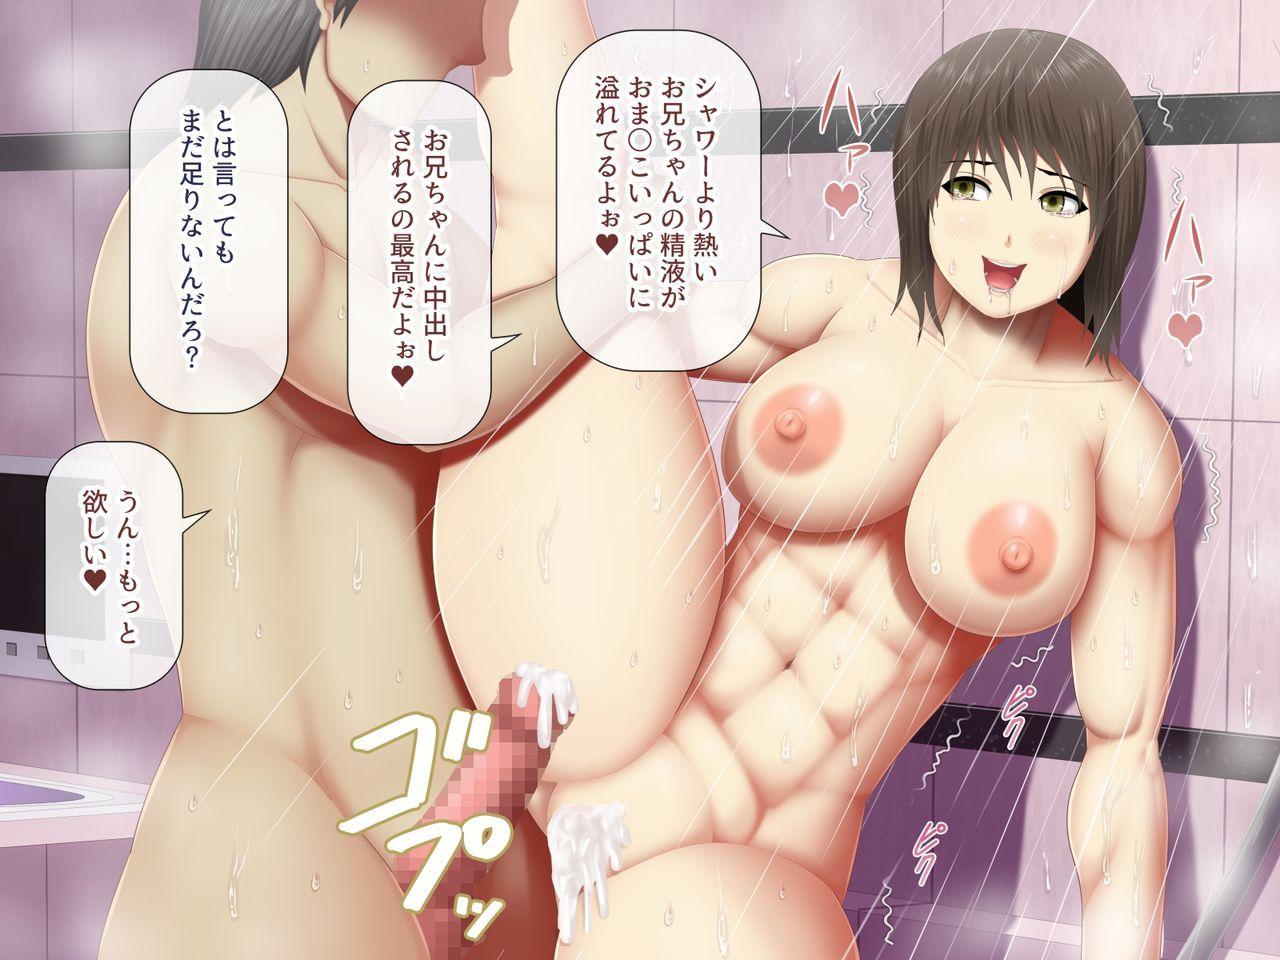 Uchiki na Jyumai ga Ore no Tame ni Karada o Kitaeta Kekka 74